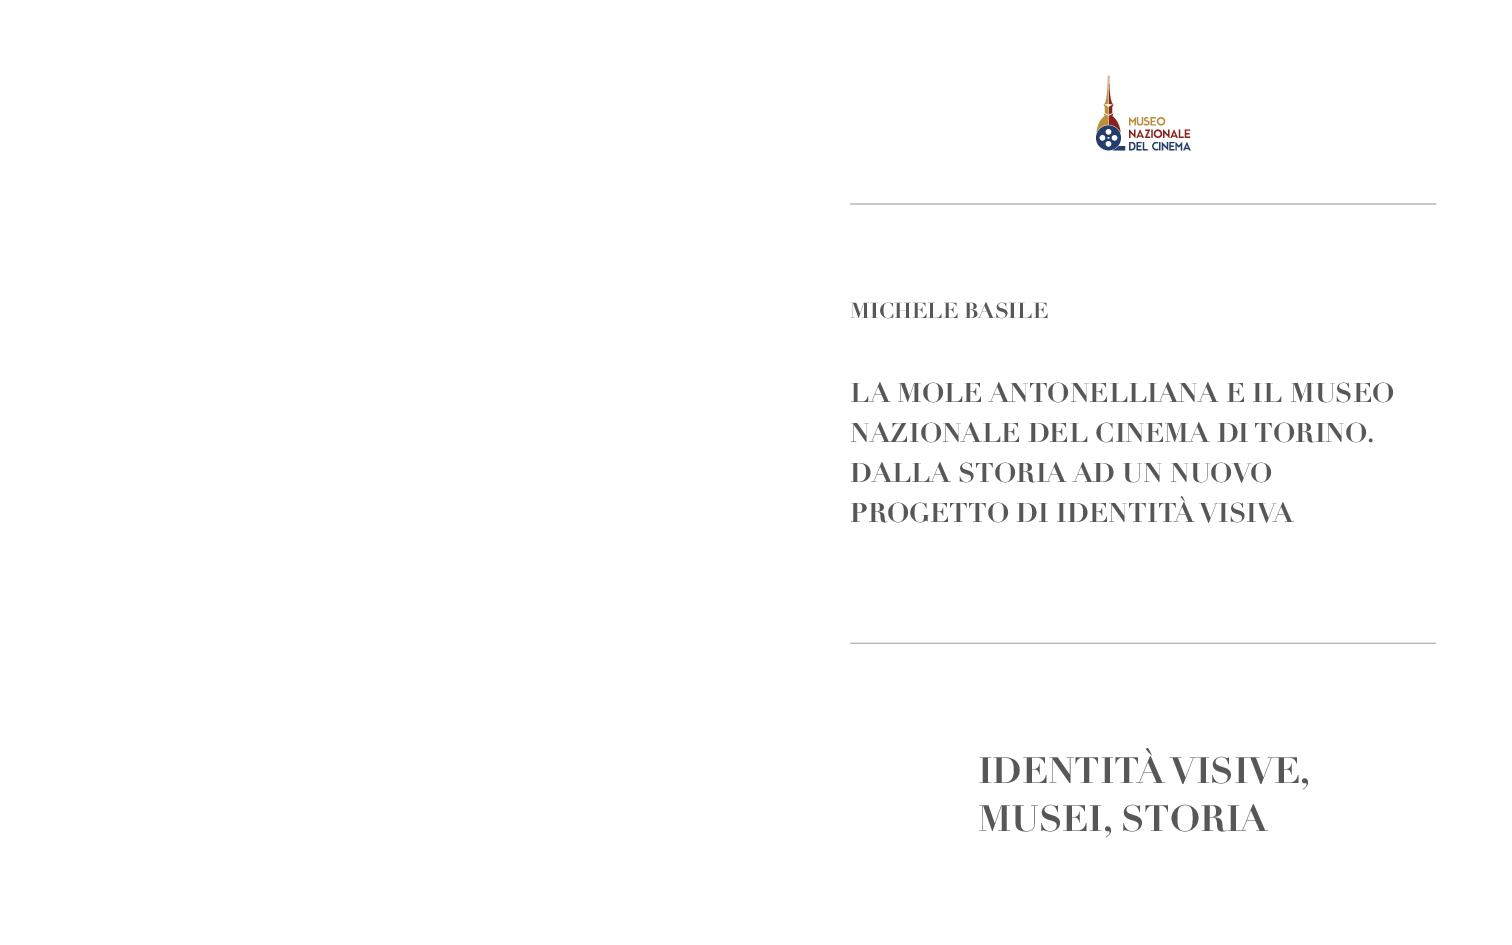 Anteprima della tesi: La Mole Antonelliana e il Museo Nazionale del Cinema di Torino. Dalla storia ad un nuovo progetto di identità visiva, Pagina 1